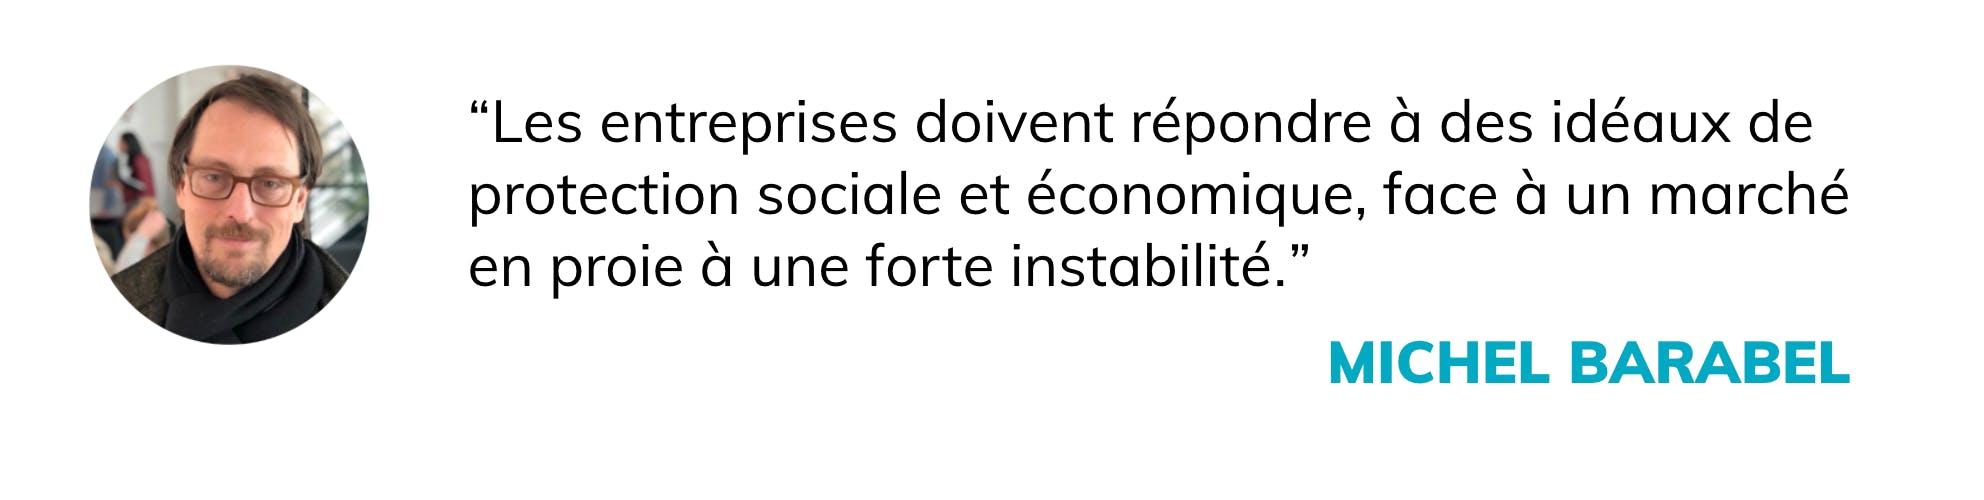 Les entreprises doivent répondre à des enjeux de protection sociale et économique